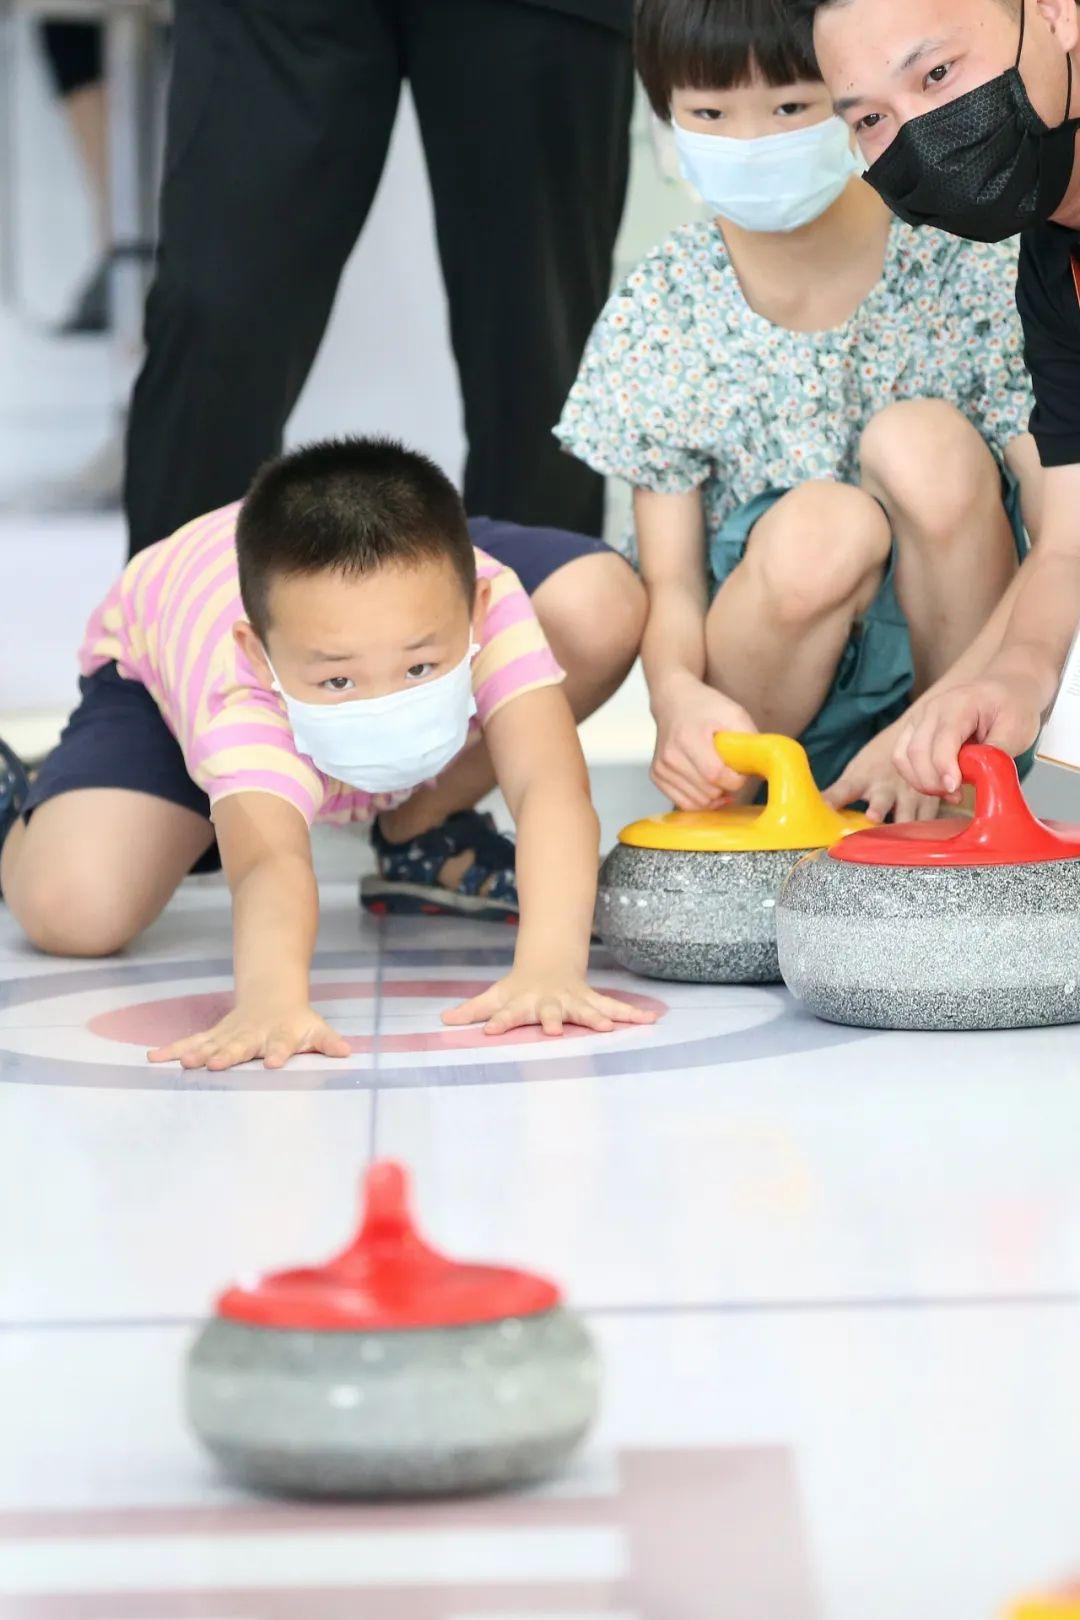 ▲9月5日,2020国际冬季运动(北京)博览会开幕,今年冬博会与中国国际服务贸易交易会同期举办。这是一名儿童在展区体验掷冰壶。(新华社)